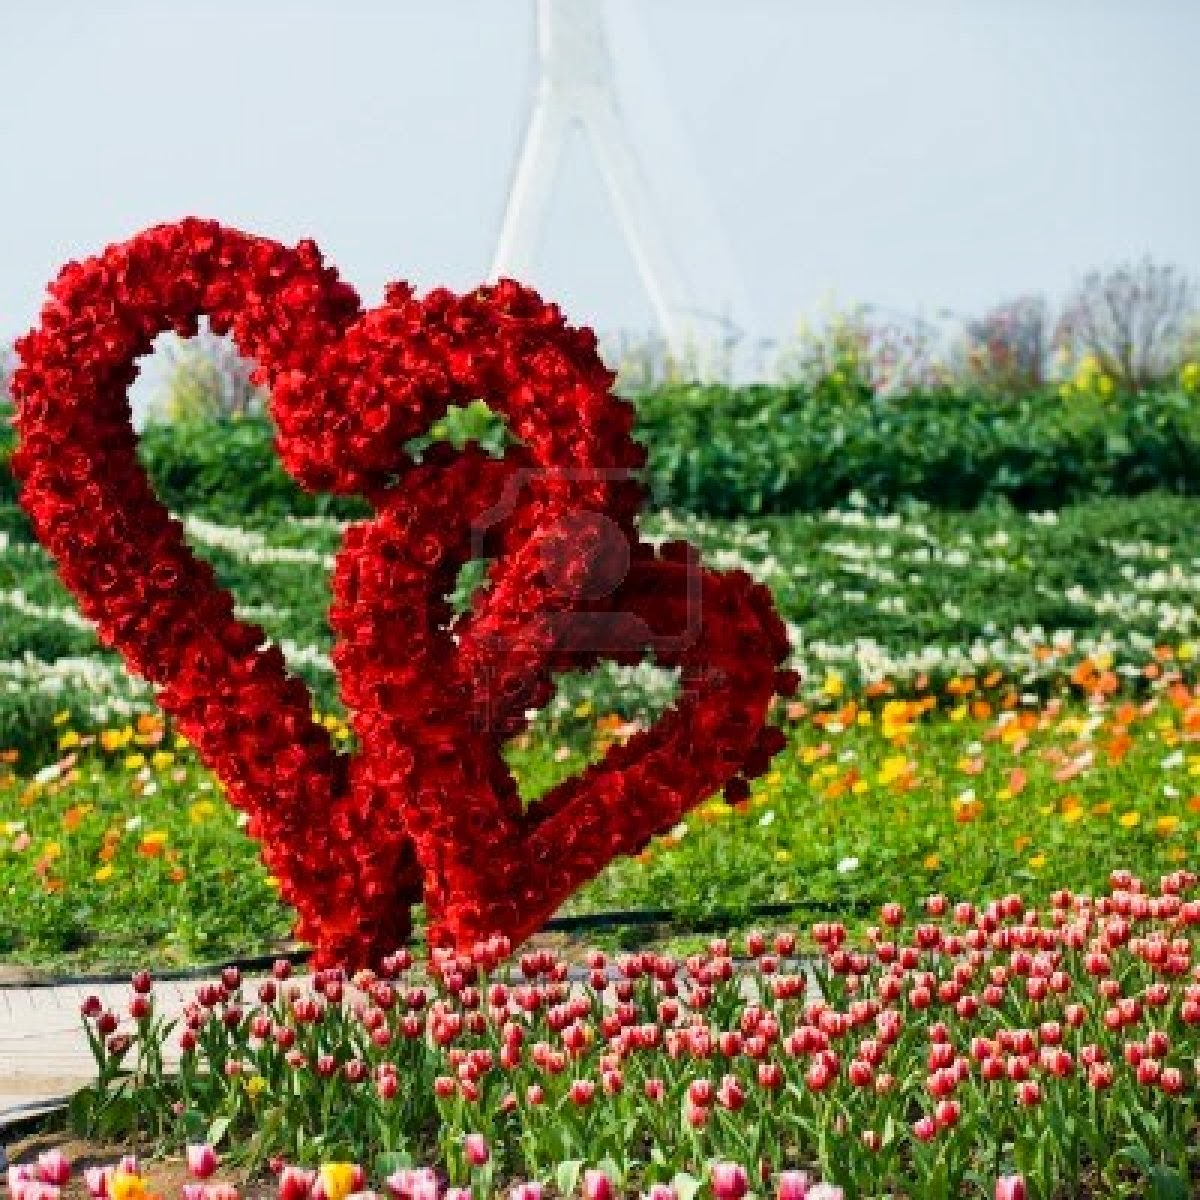 Vidas silenciosas gladys solo t for Cancion jardin de rosas